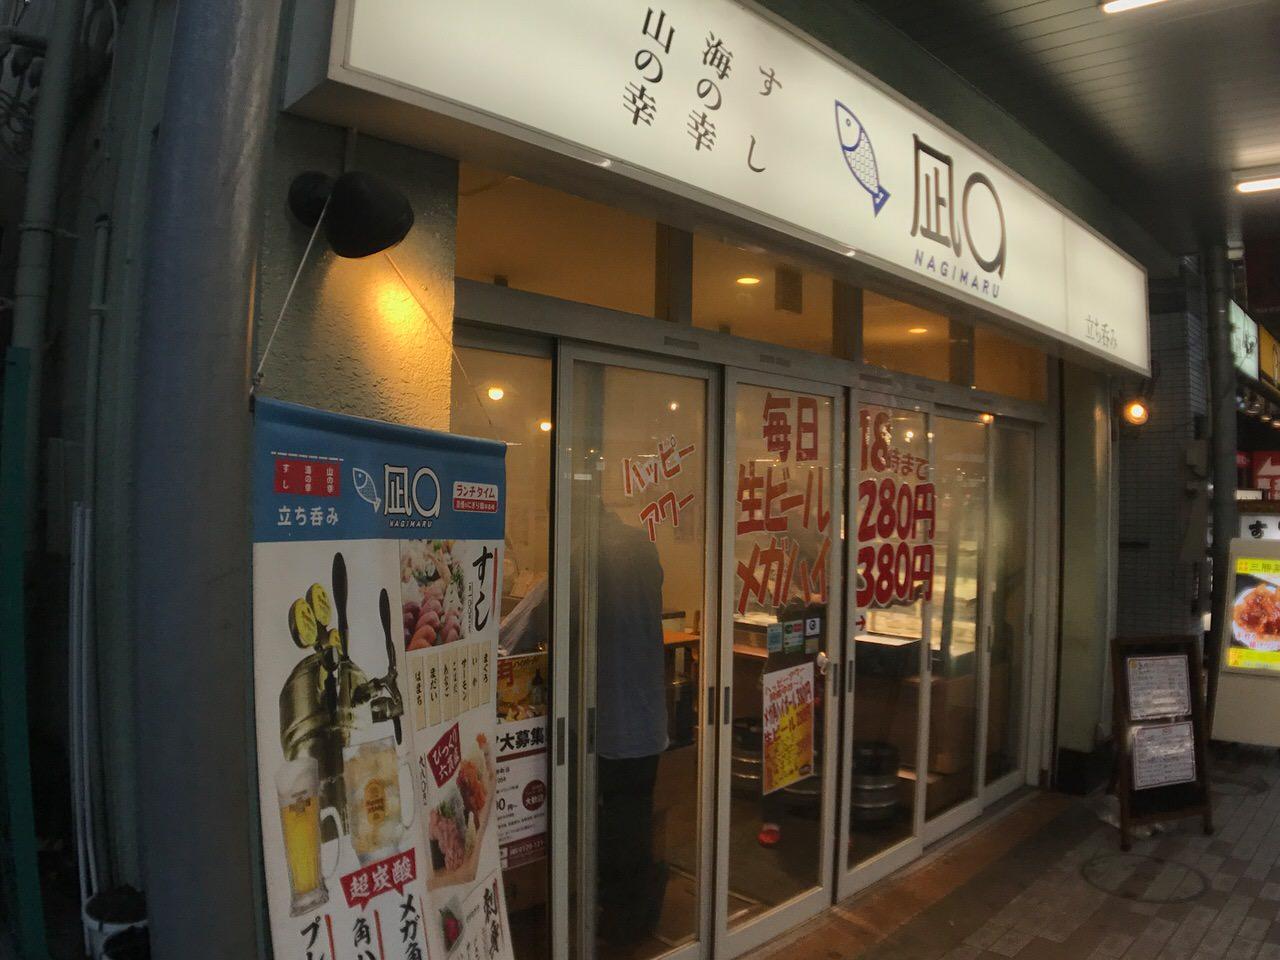 「凪◯(なぎまる)」門前仲町駅至近の寿司も食べられる立ち呑み